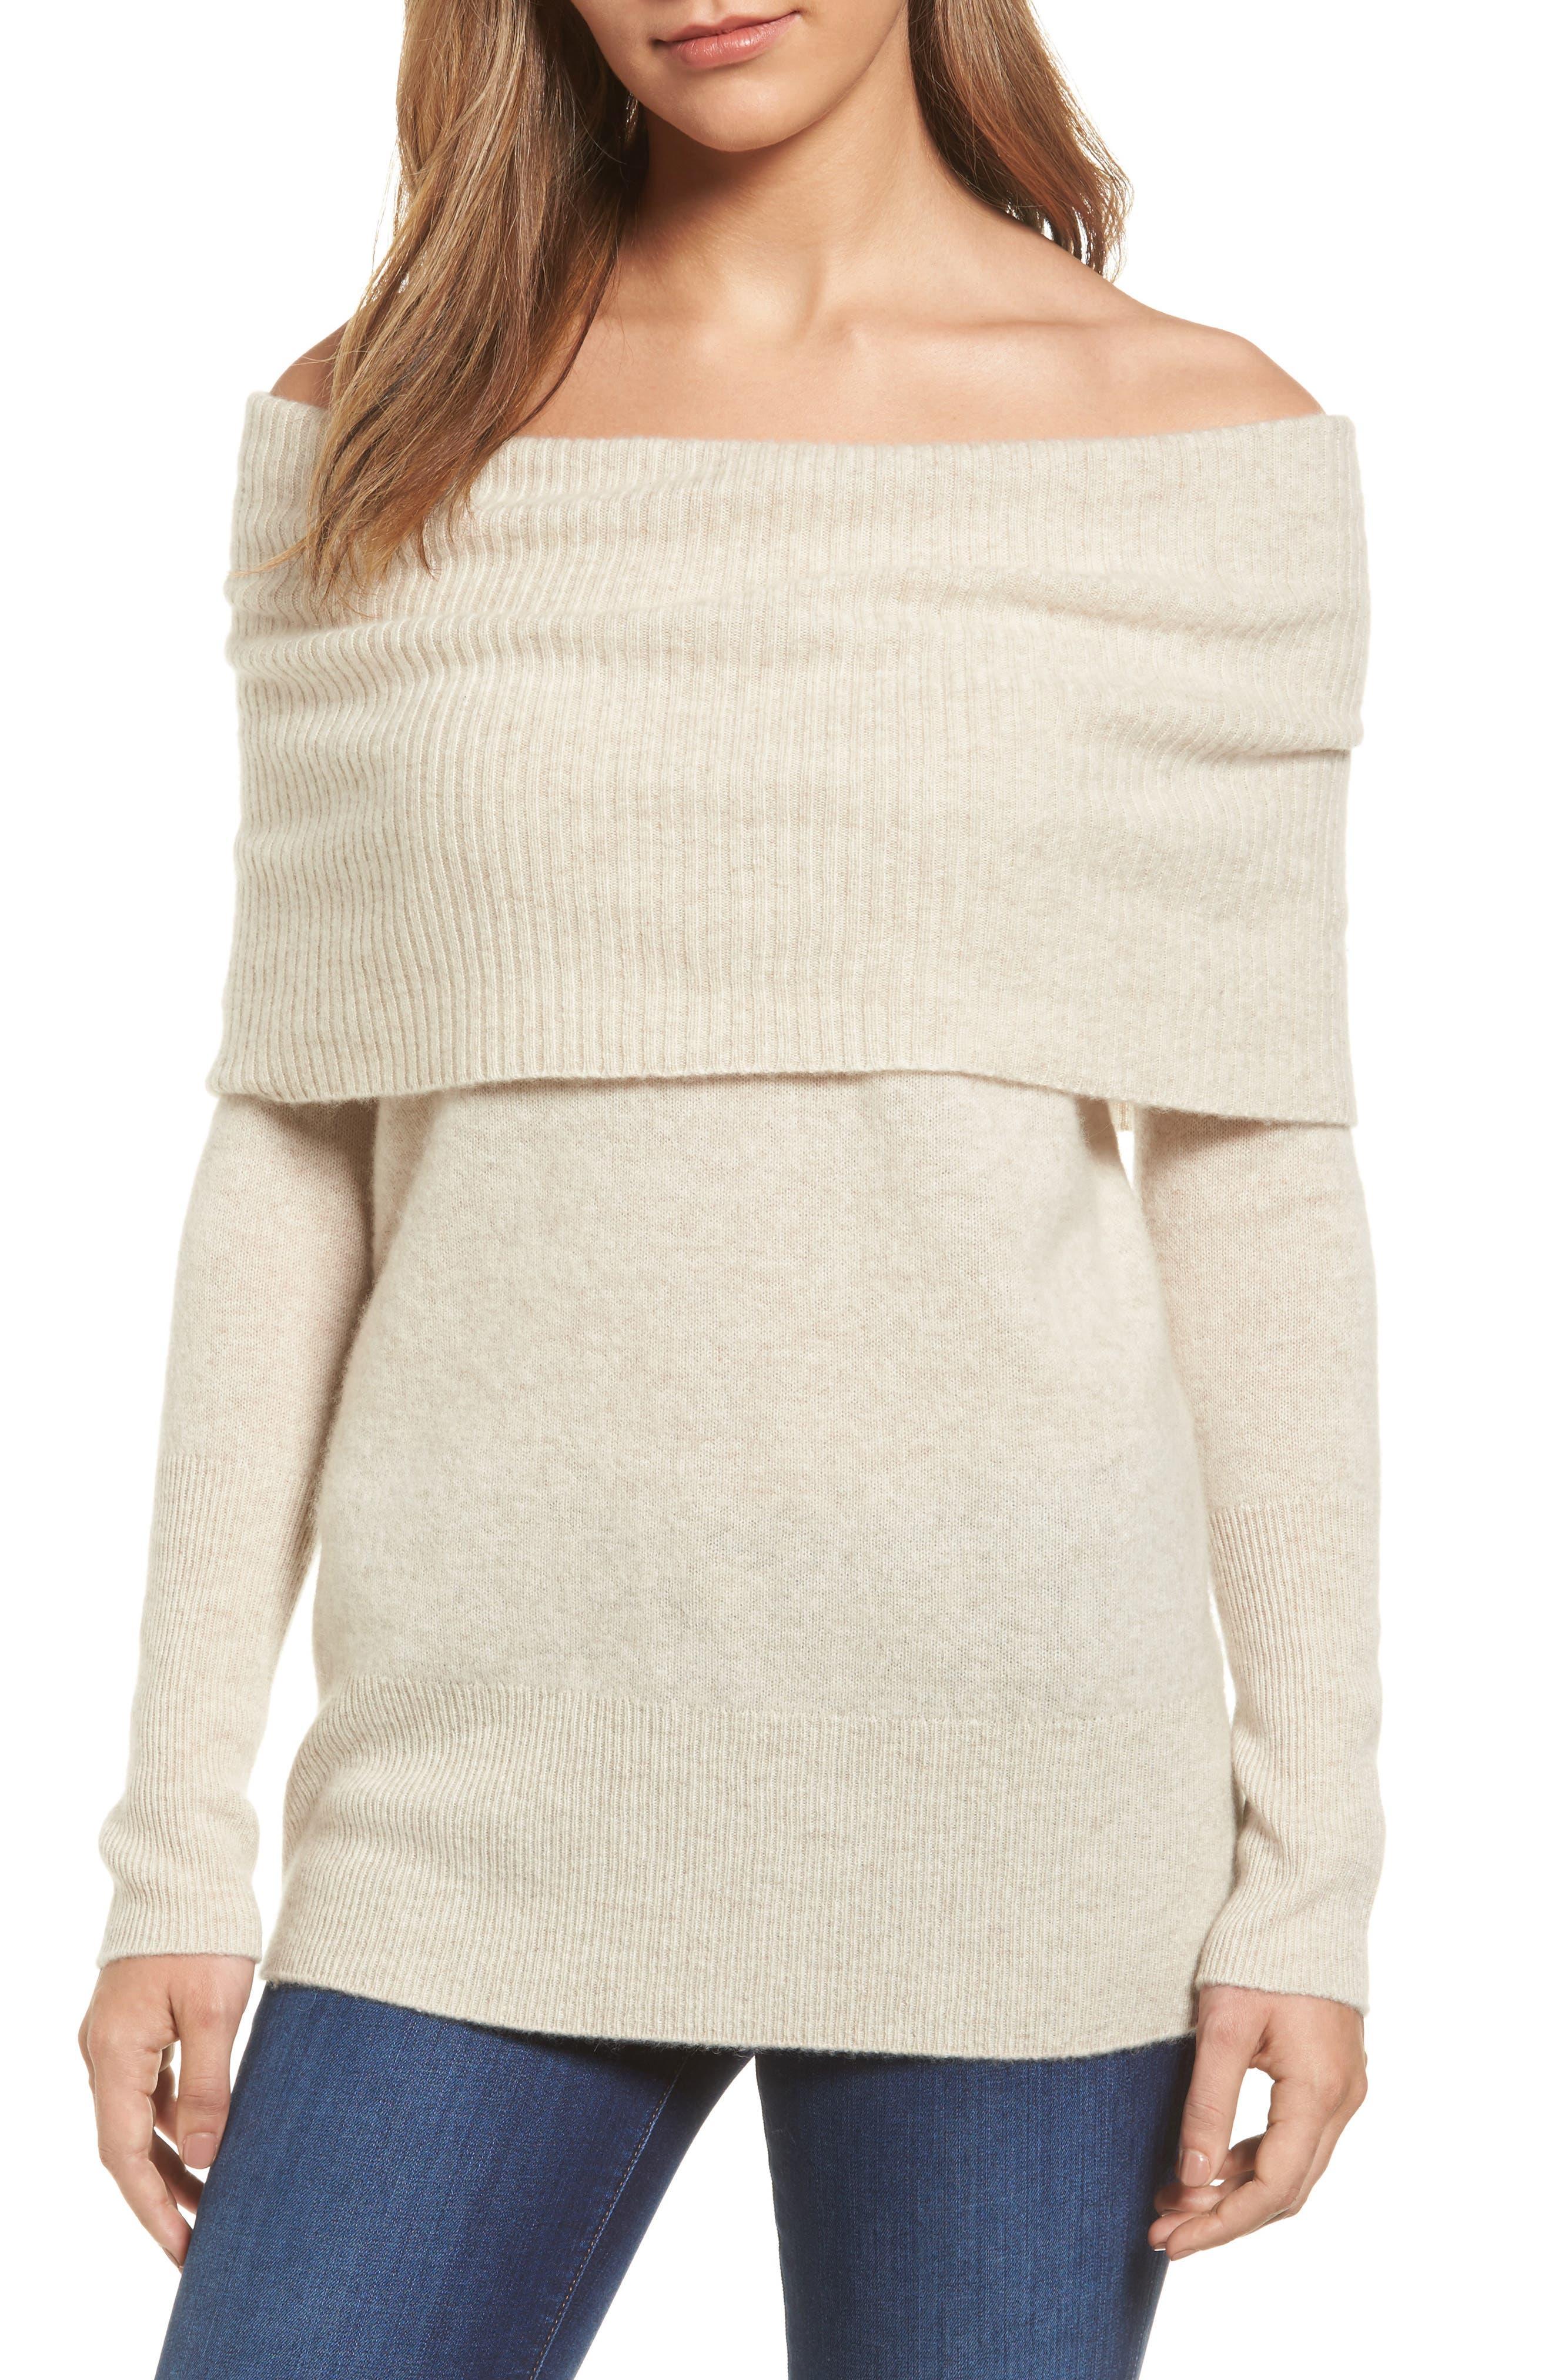 Main Image - Halogen® Cashmere Off the Shoulder Sweater (Regular & Petite)